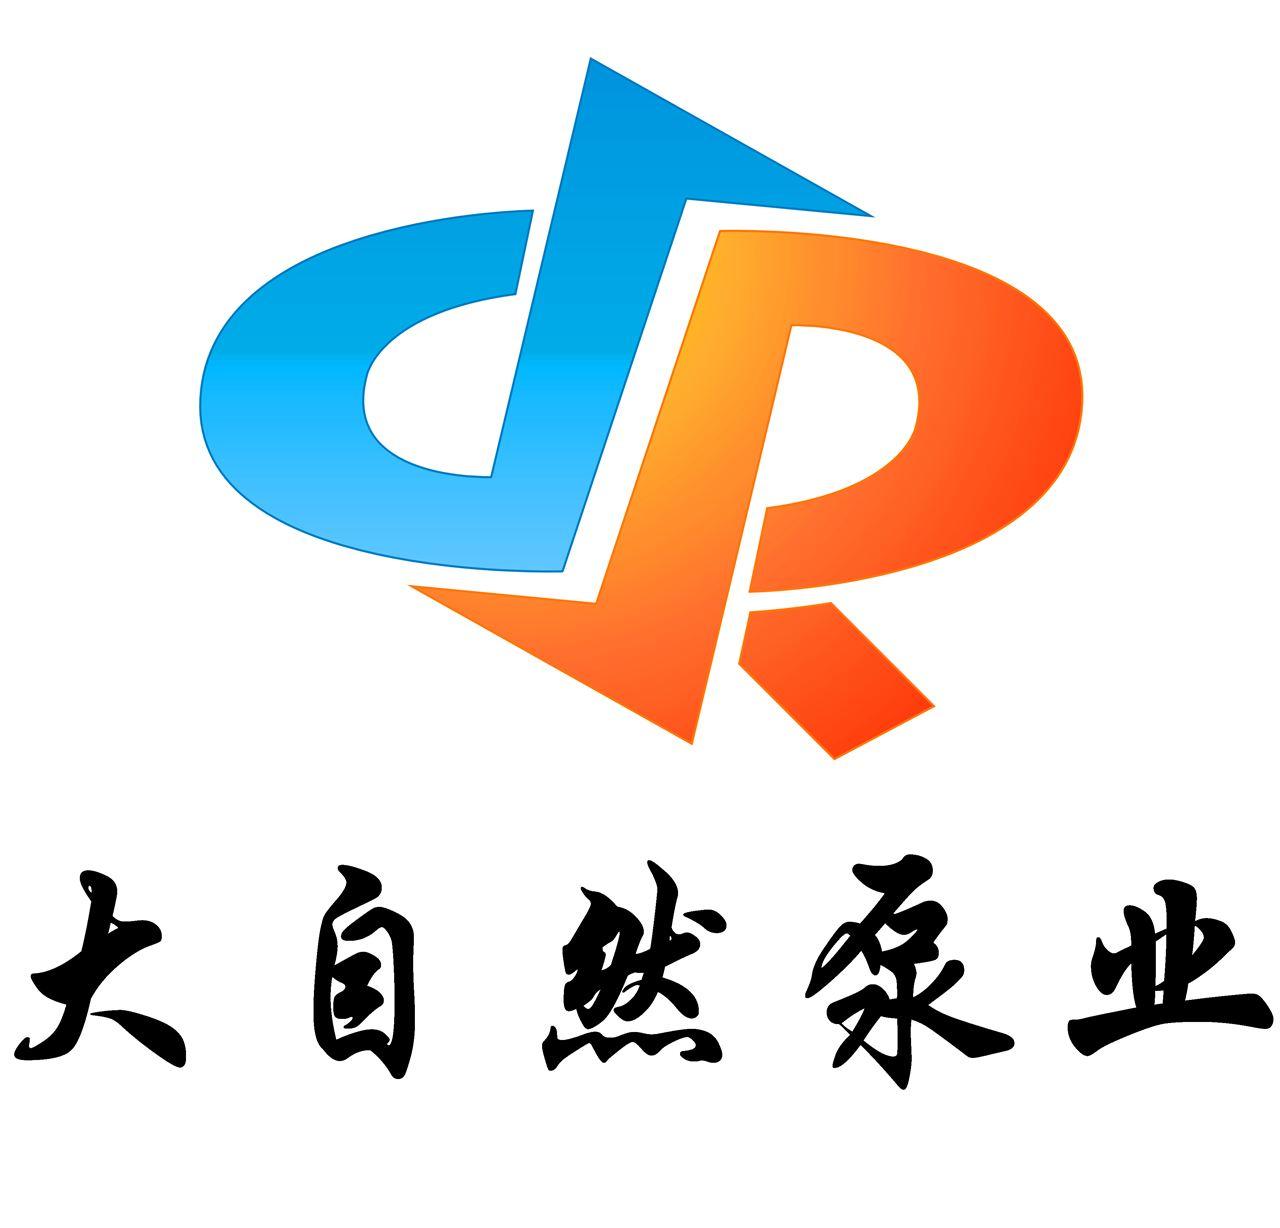 浙江大自然流体科技有限公司